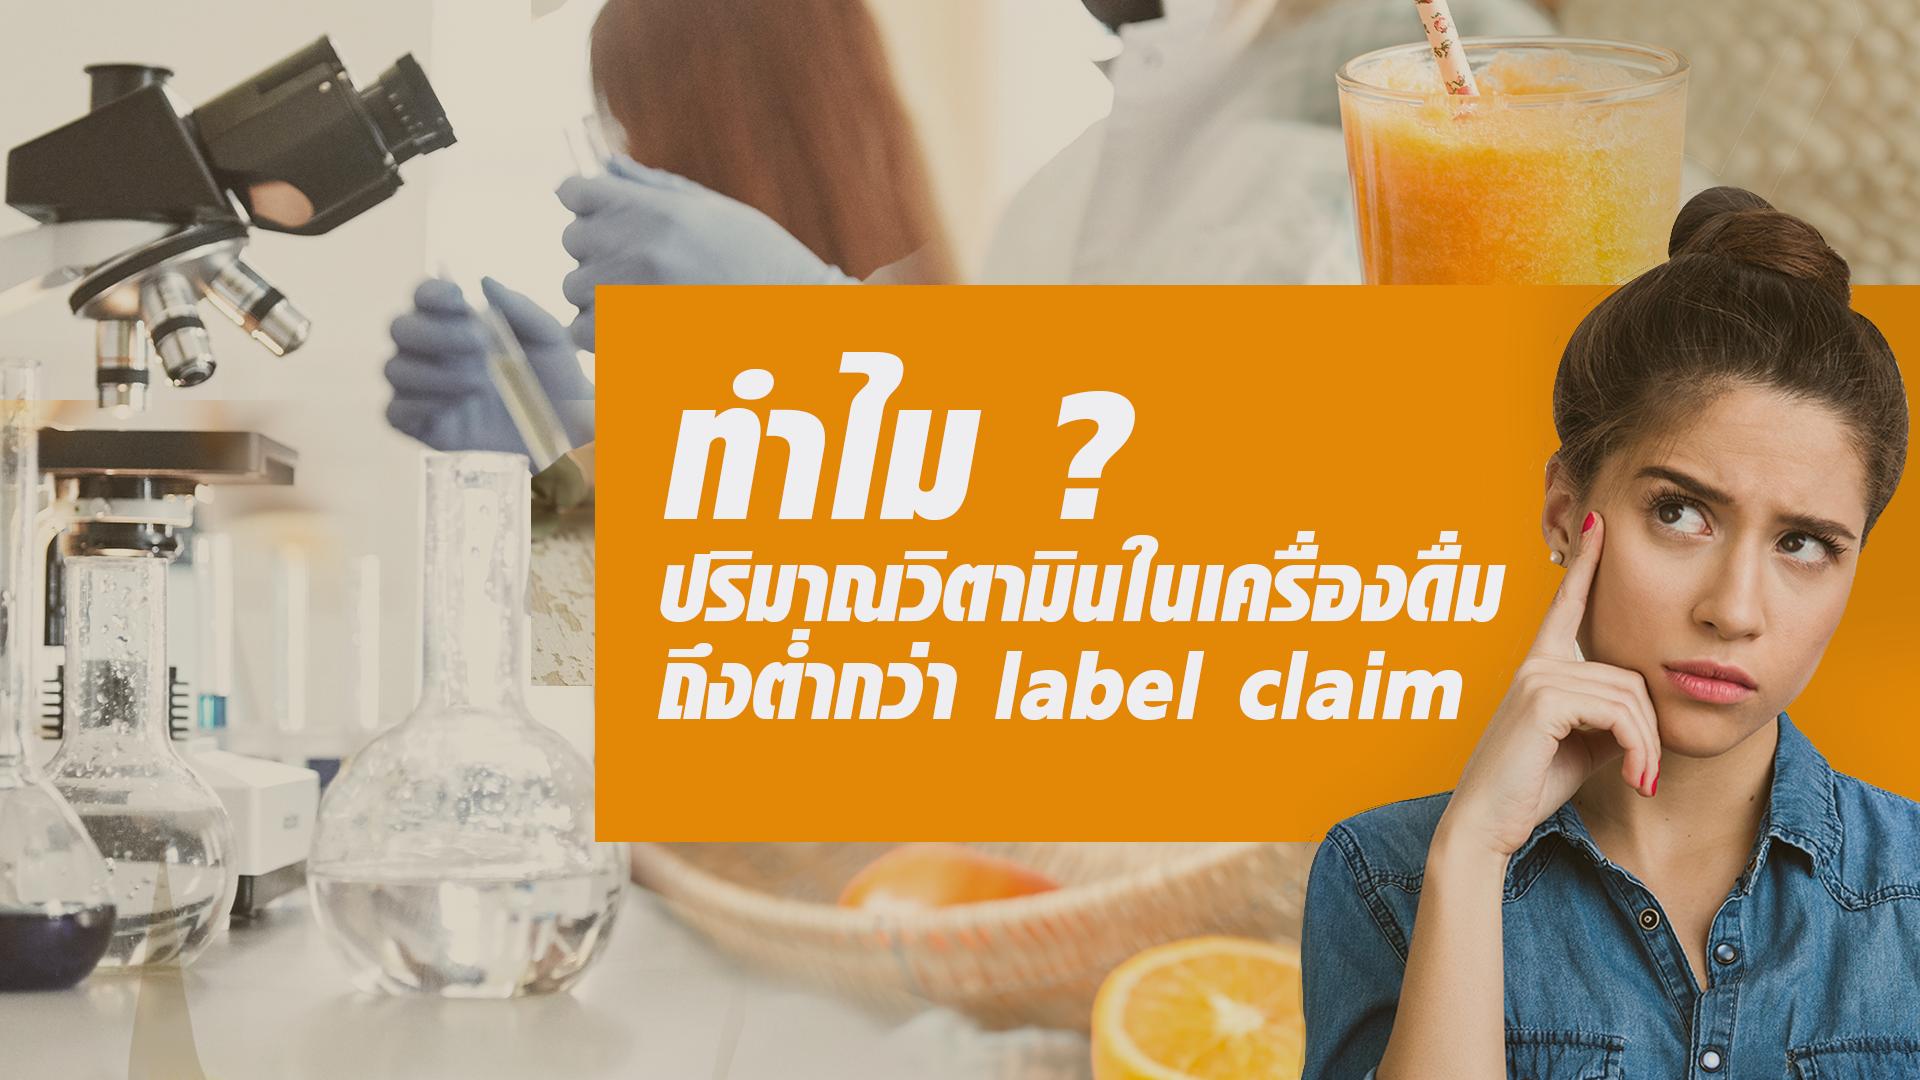 ทำไม ? ปริมาณวิตามินในเครื่องดื่มถึงต่ำกว่า Label Claim